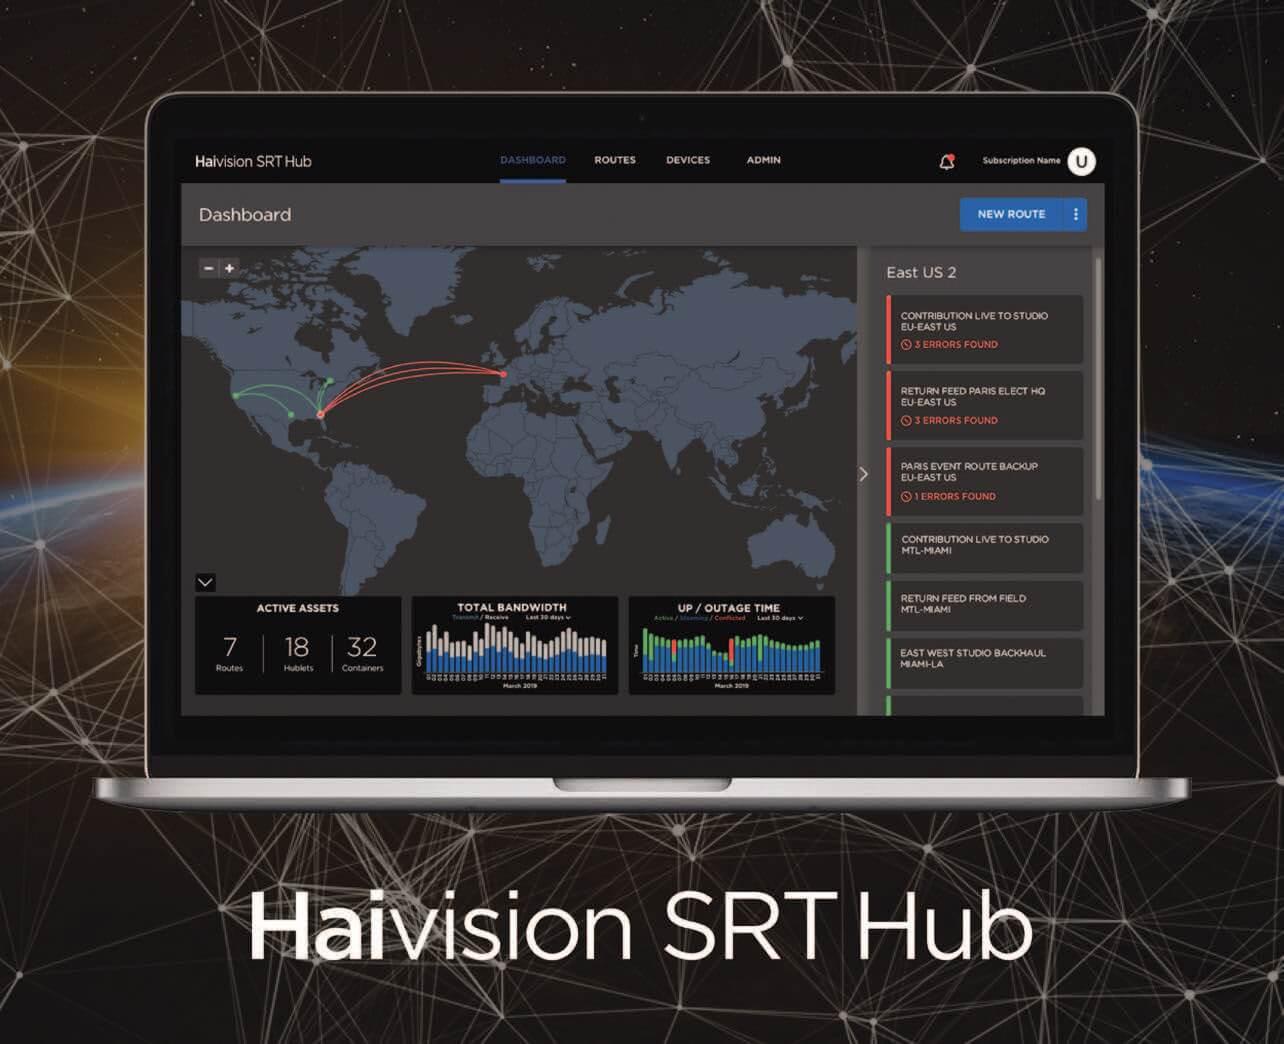 Haivision SRT Hub